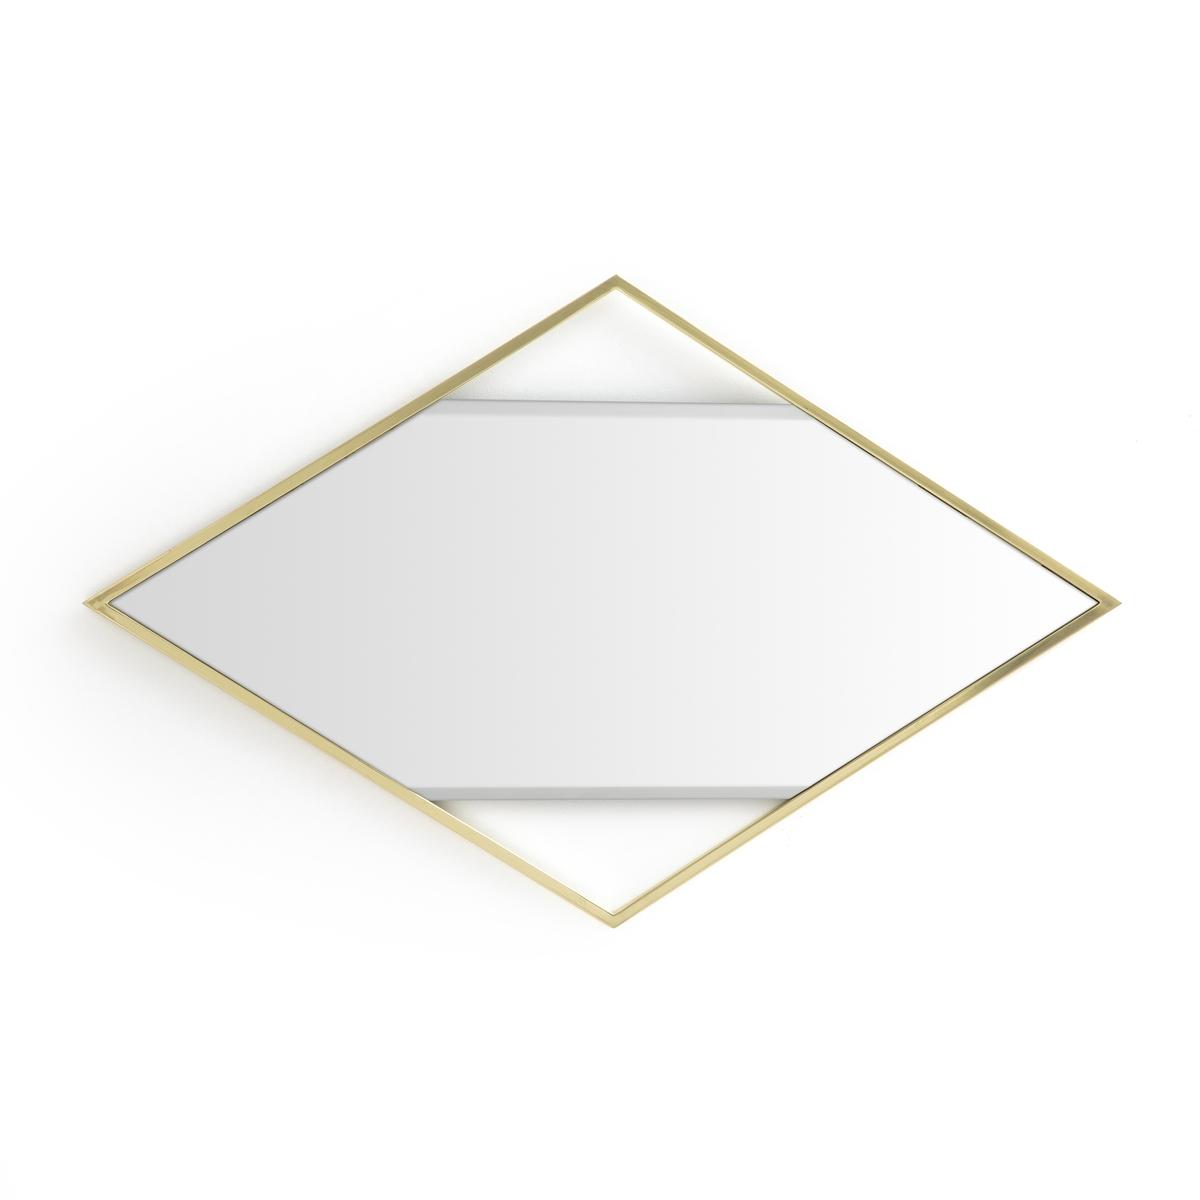 Зеркало в форме ромба из латуни REFLET